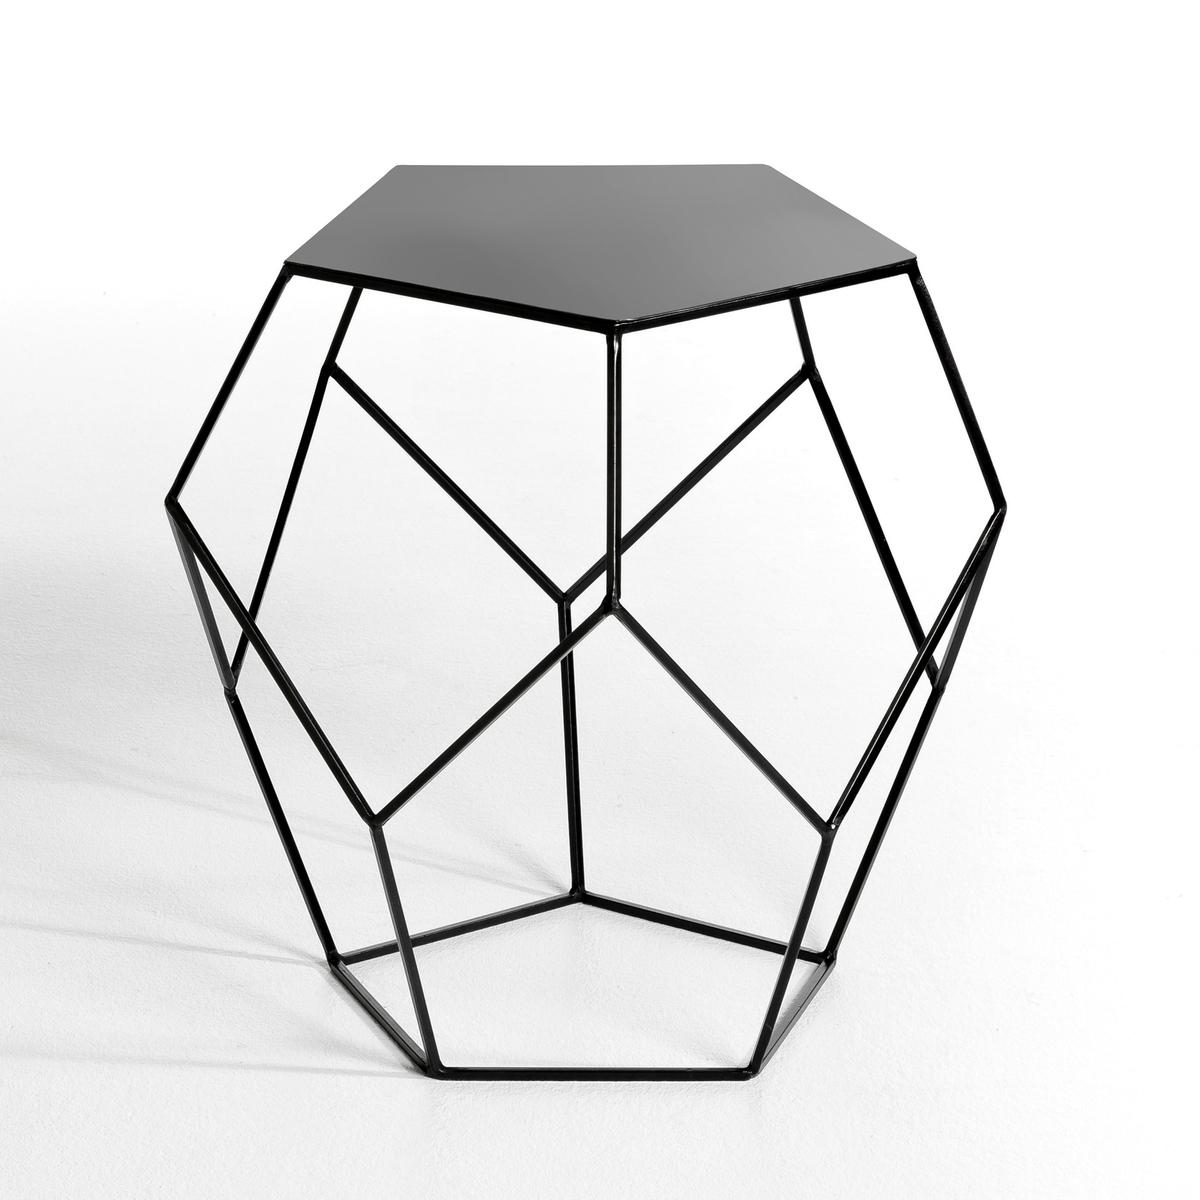 Столик La Redoute Журнальный Rozam единый размер черный столик la redoute журнальный rozam единый размер черный